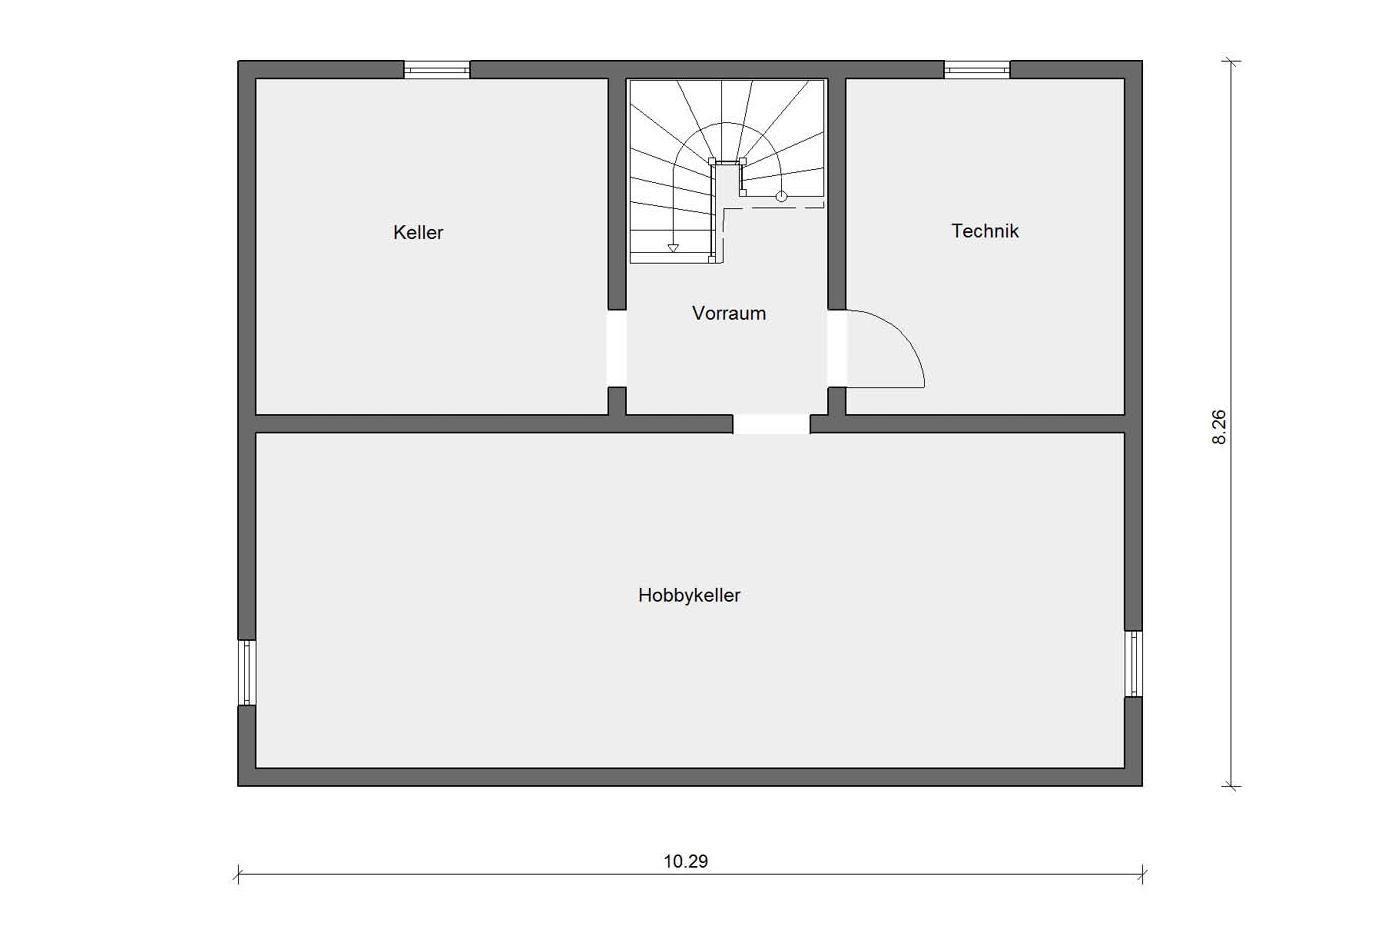 einfamilienhaus mit terrasse schw rerhaus. Black Bedroom Furniture Sets. Home Design Ideas